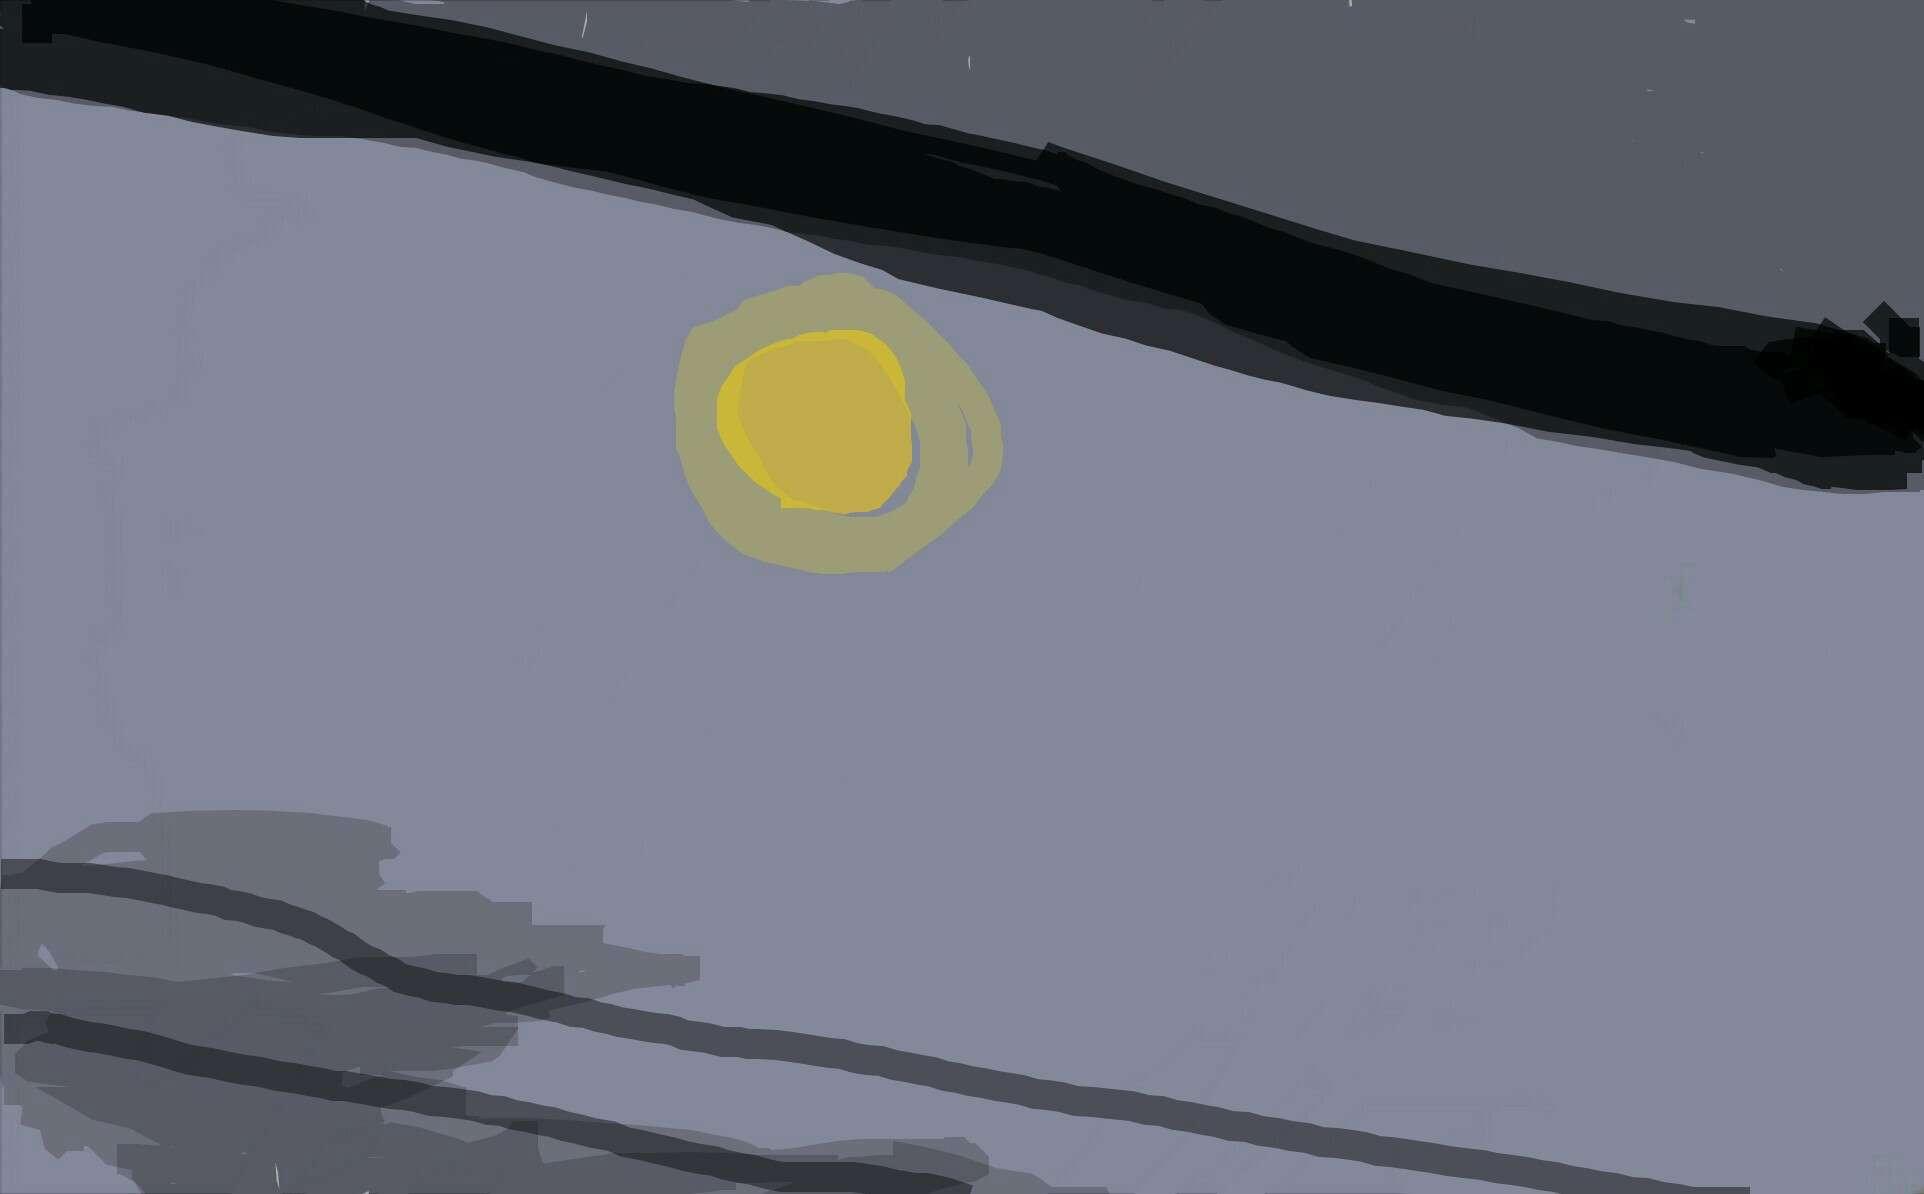 今見えてる月を描こう